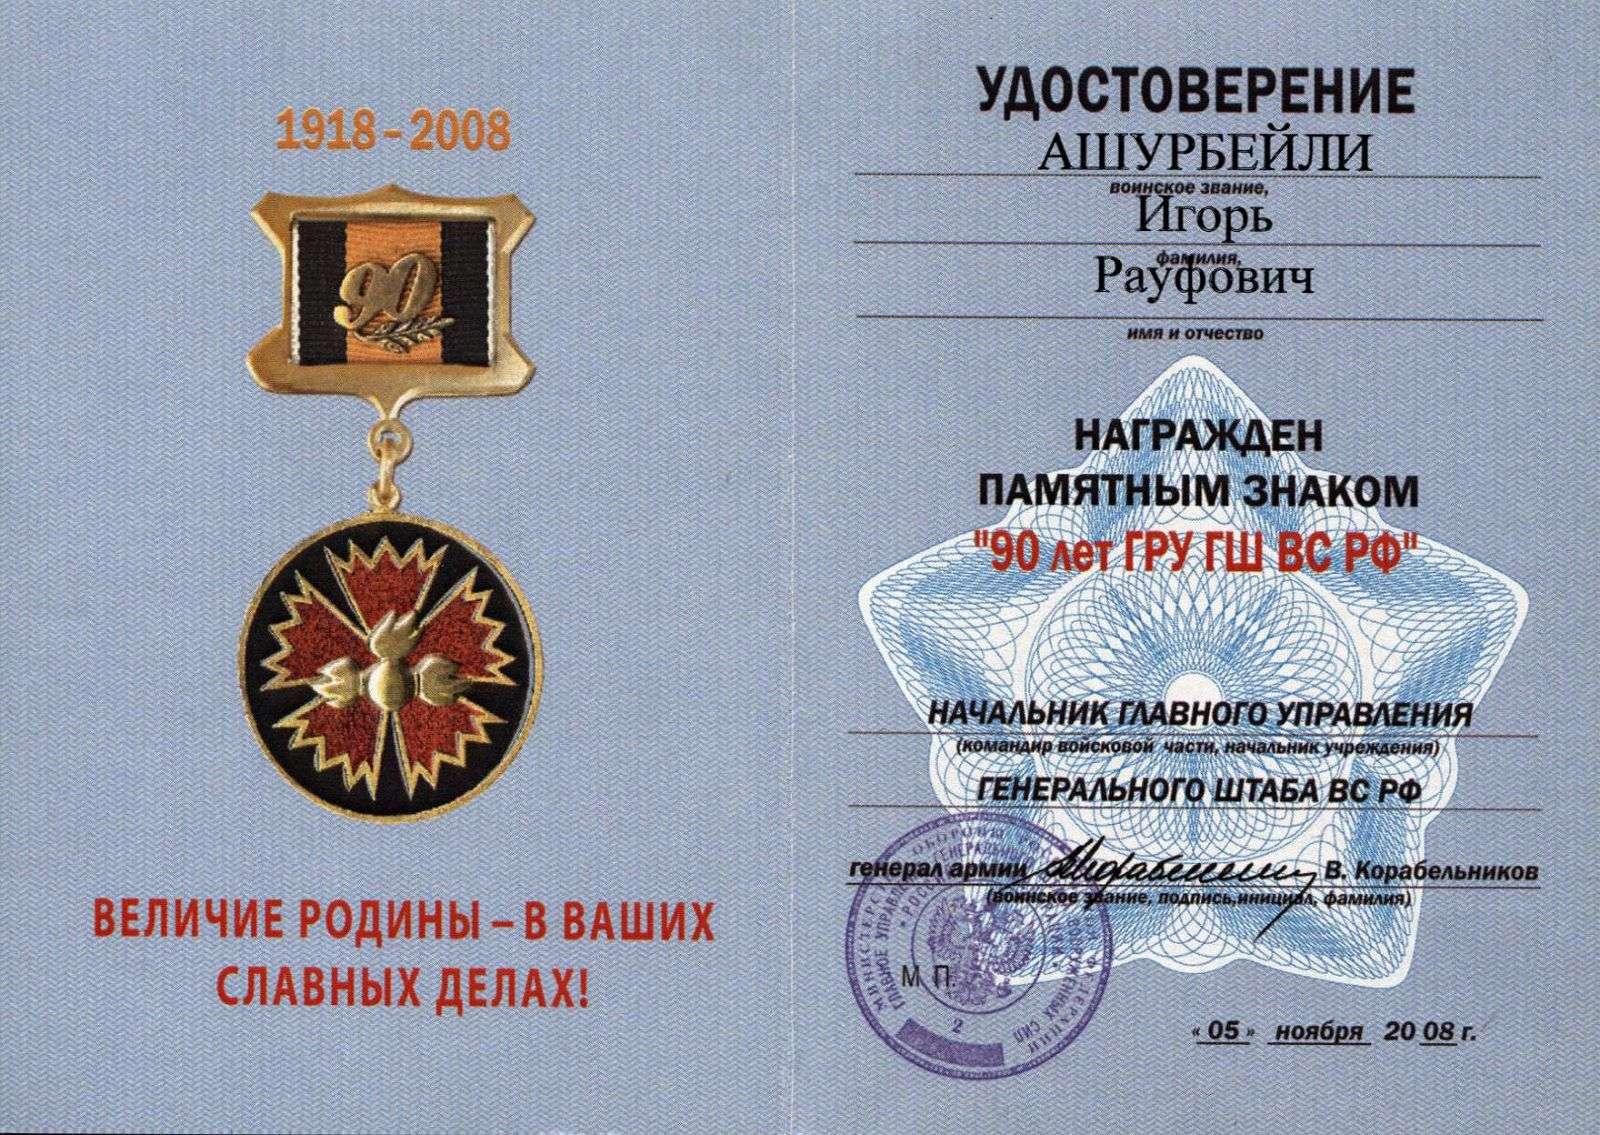 Главное разведывательное управление генерального штаба вс рф